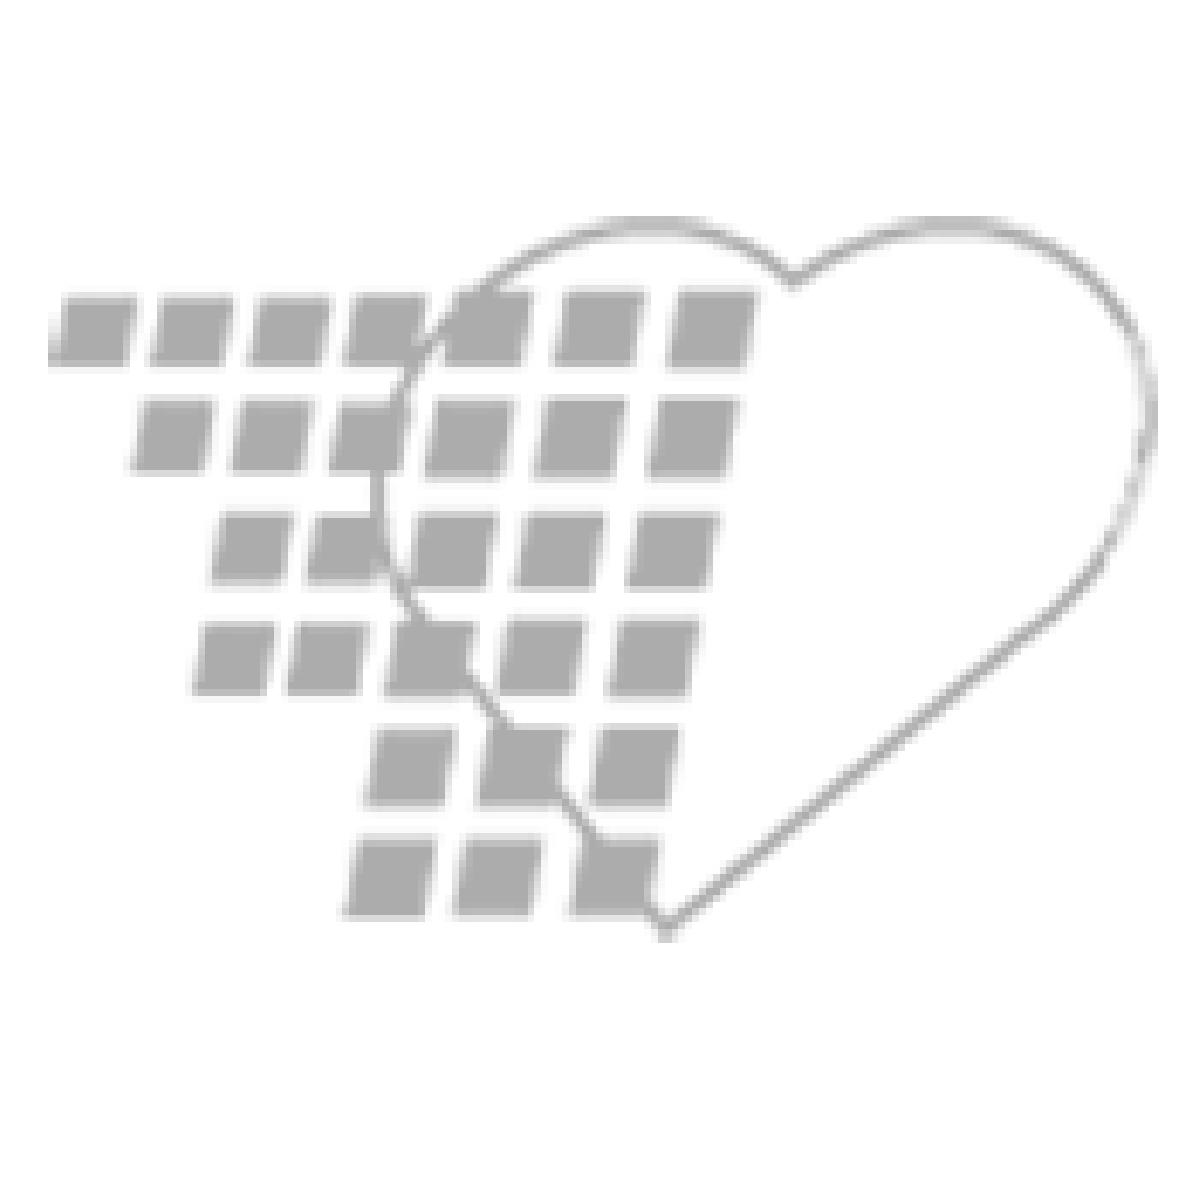 11-81-1513 Laerdal Simpad Plus for Resusci Anne (11-81-1512)